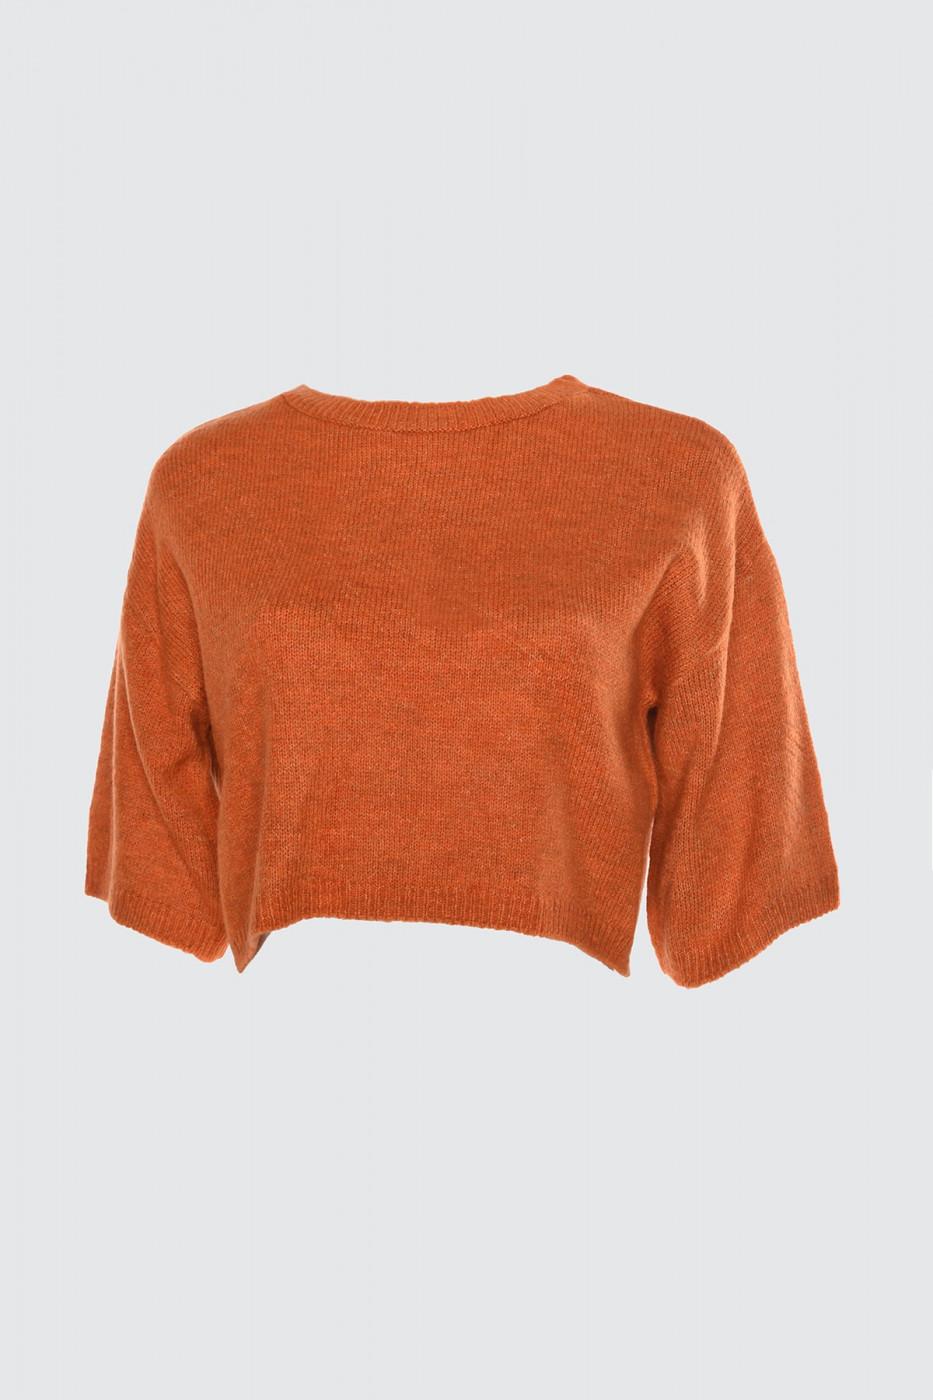 Trendyol Cinnamon Crop Knit Sweater